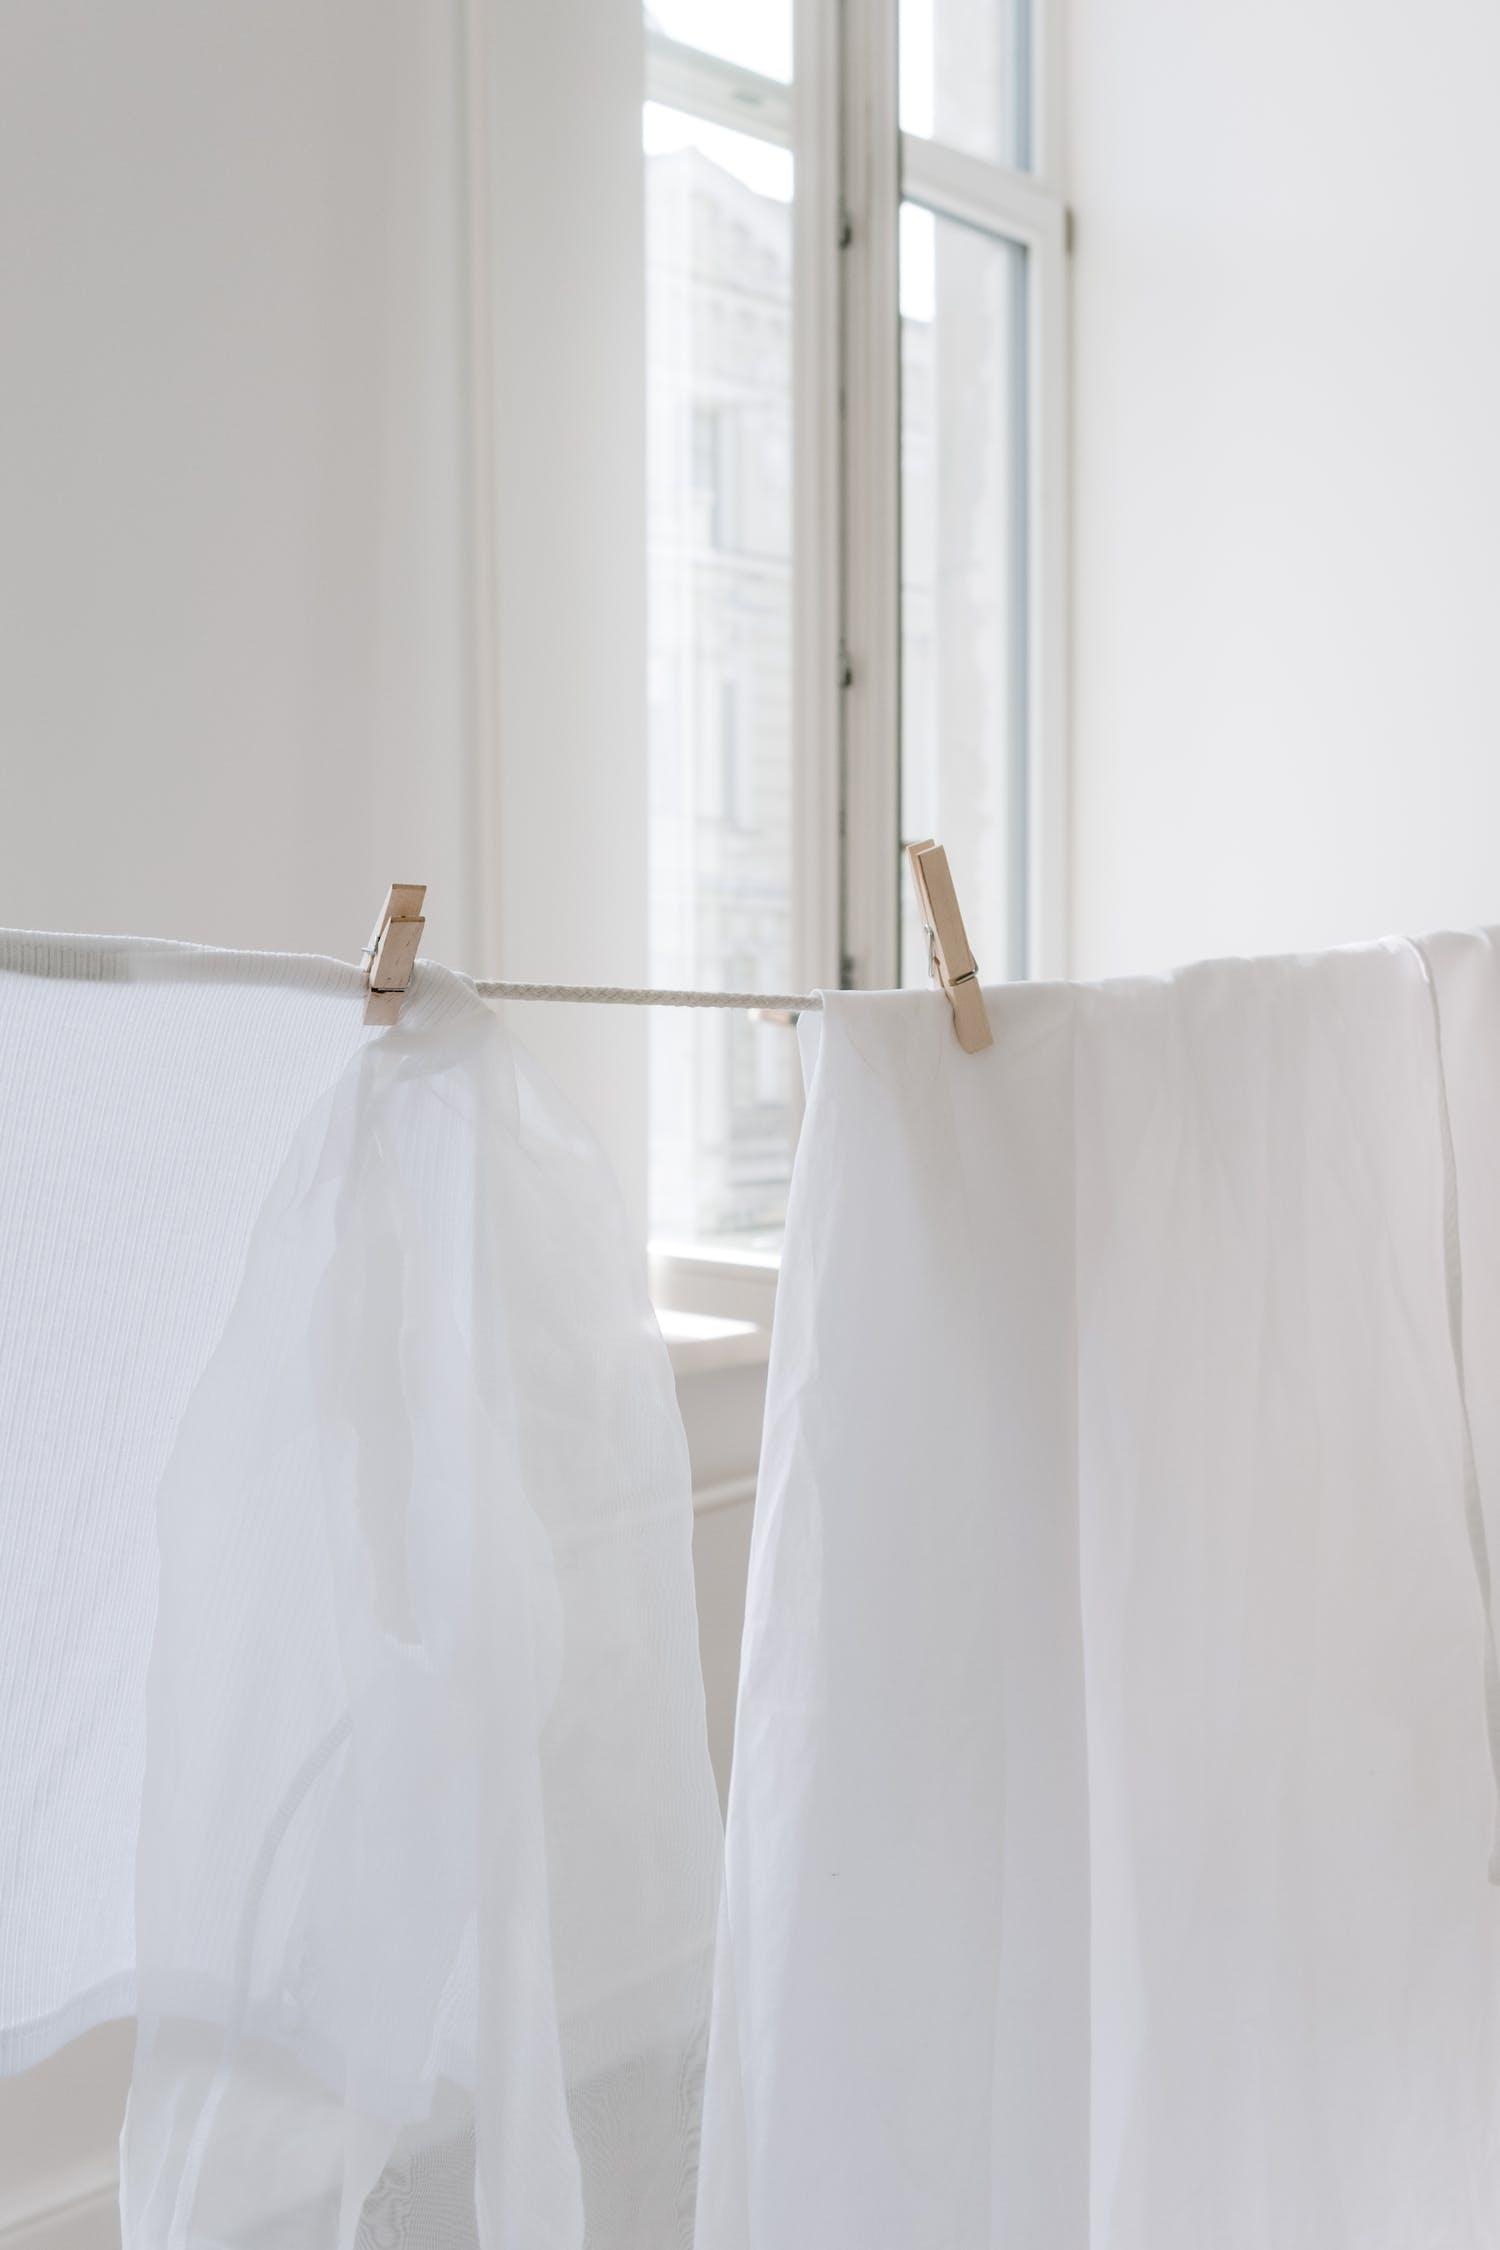 Textil Blanco Sobre Percha Marrón